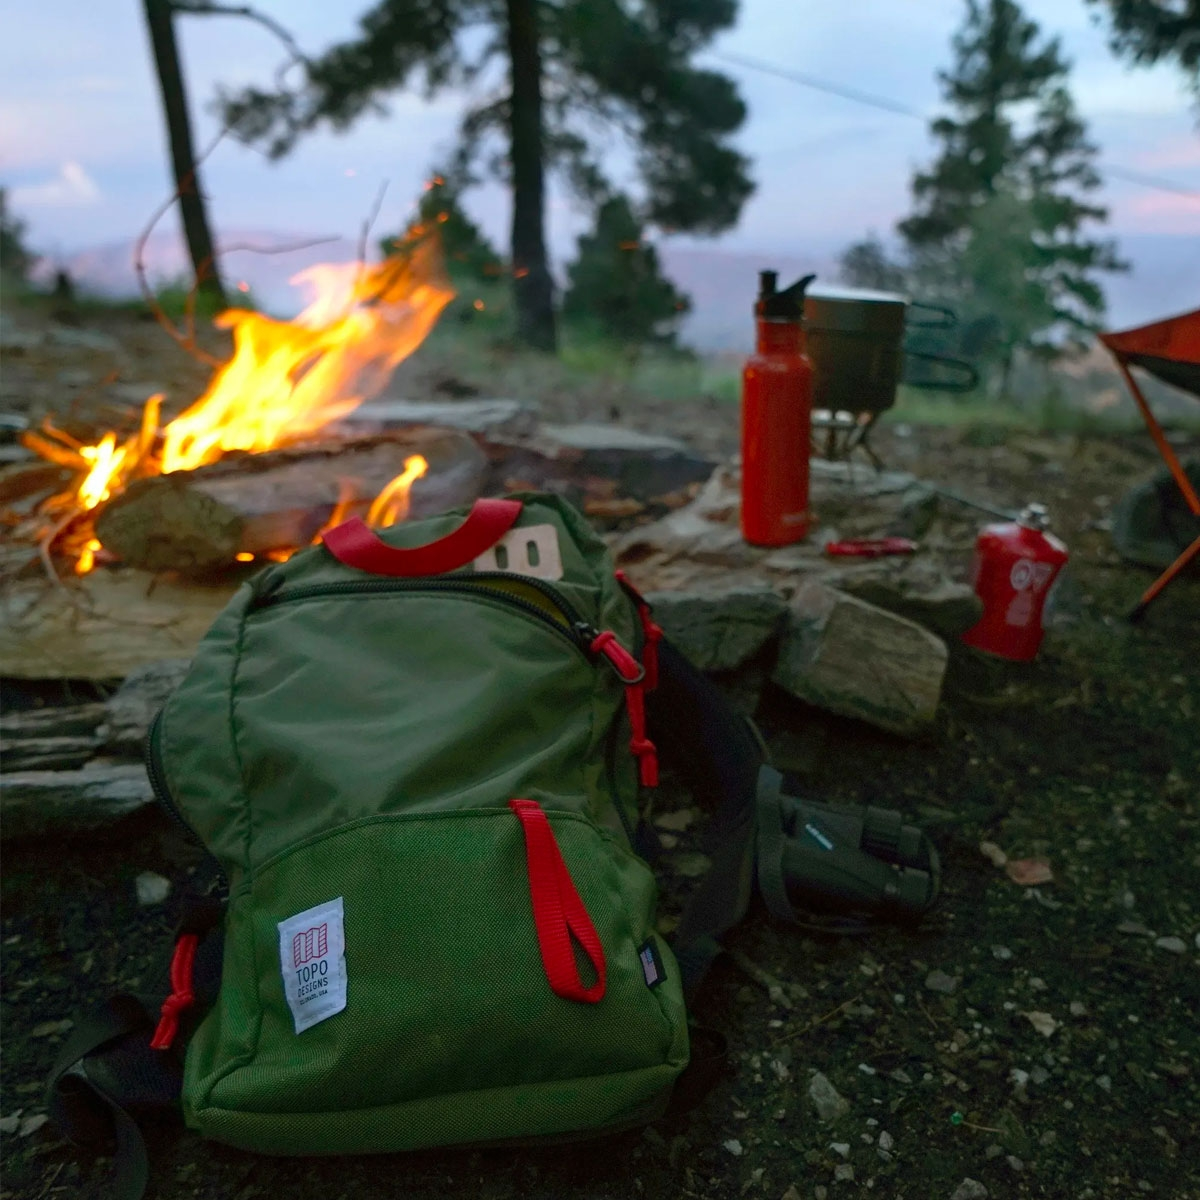 Topo Designs Trip Pack Olive, perfecte rugzak voor elke dag tocht